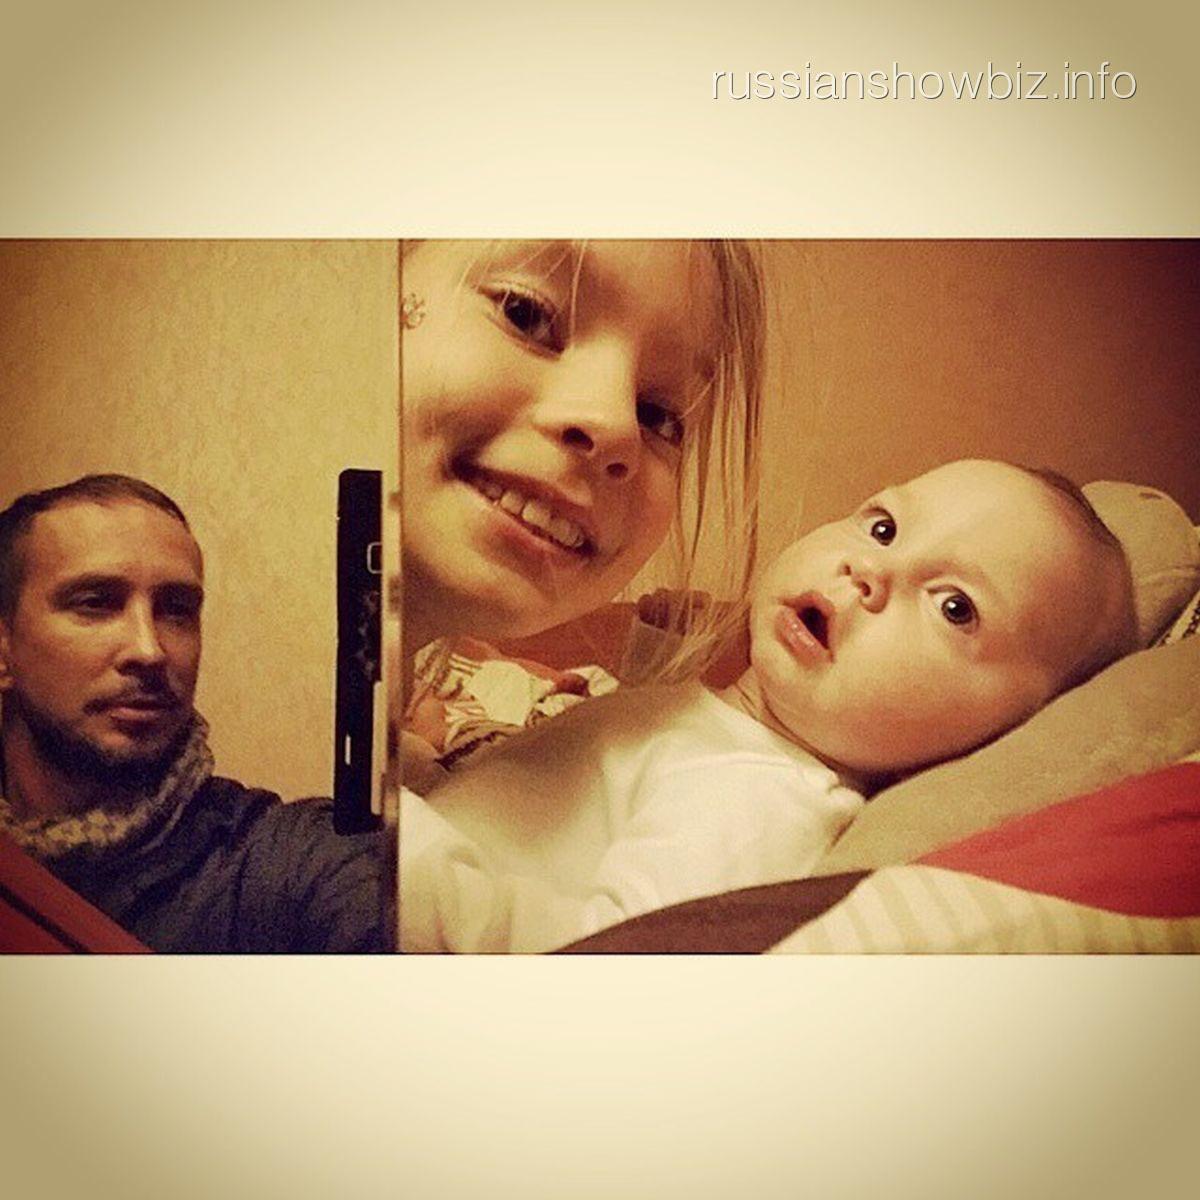 Певец Данко: «Моя дочь навсегда останется инвалидом»